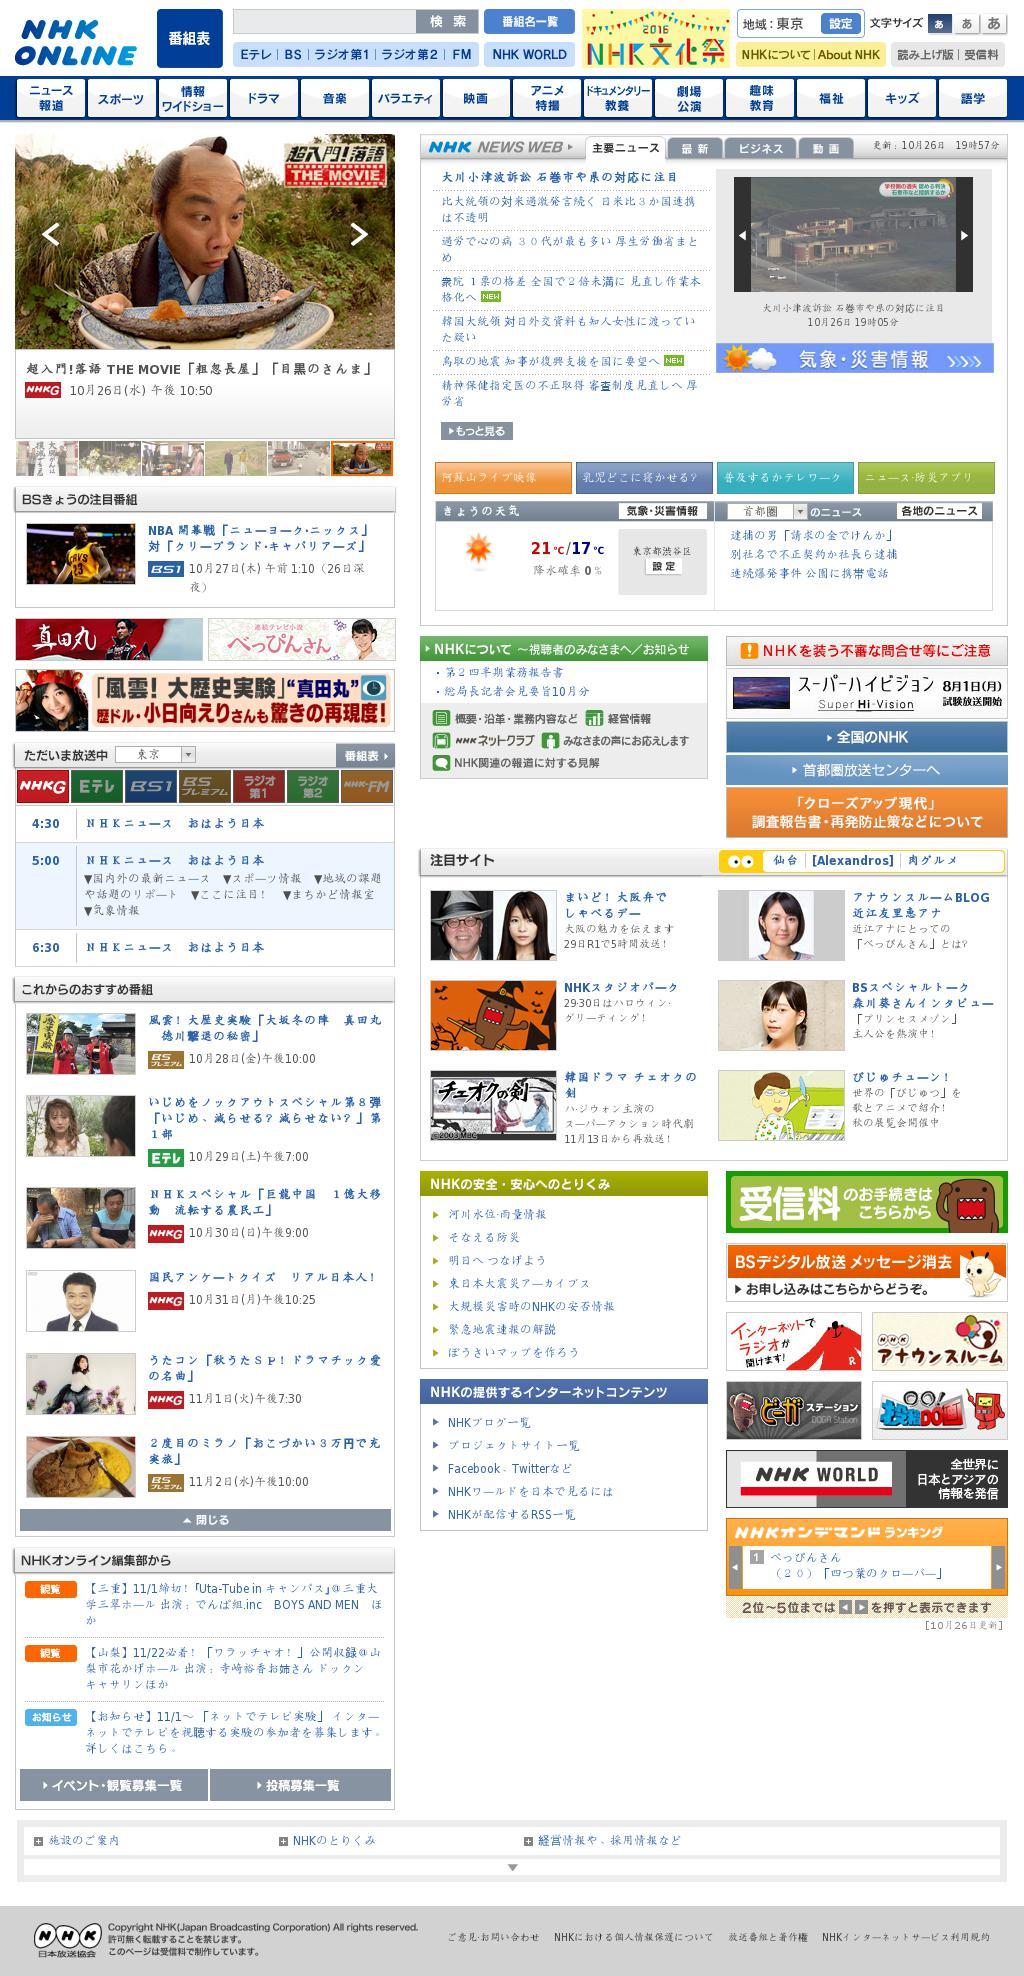 NHK Online at Wednesday Oct. 26, 2016, 8:11 p.m. UTC